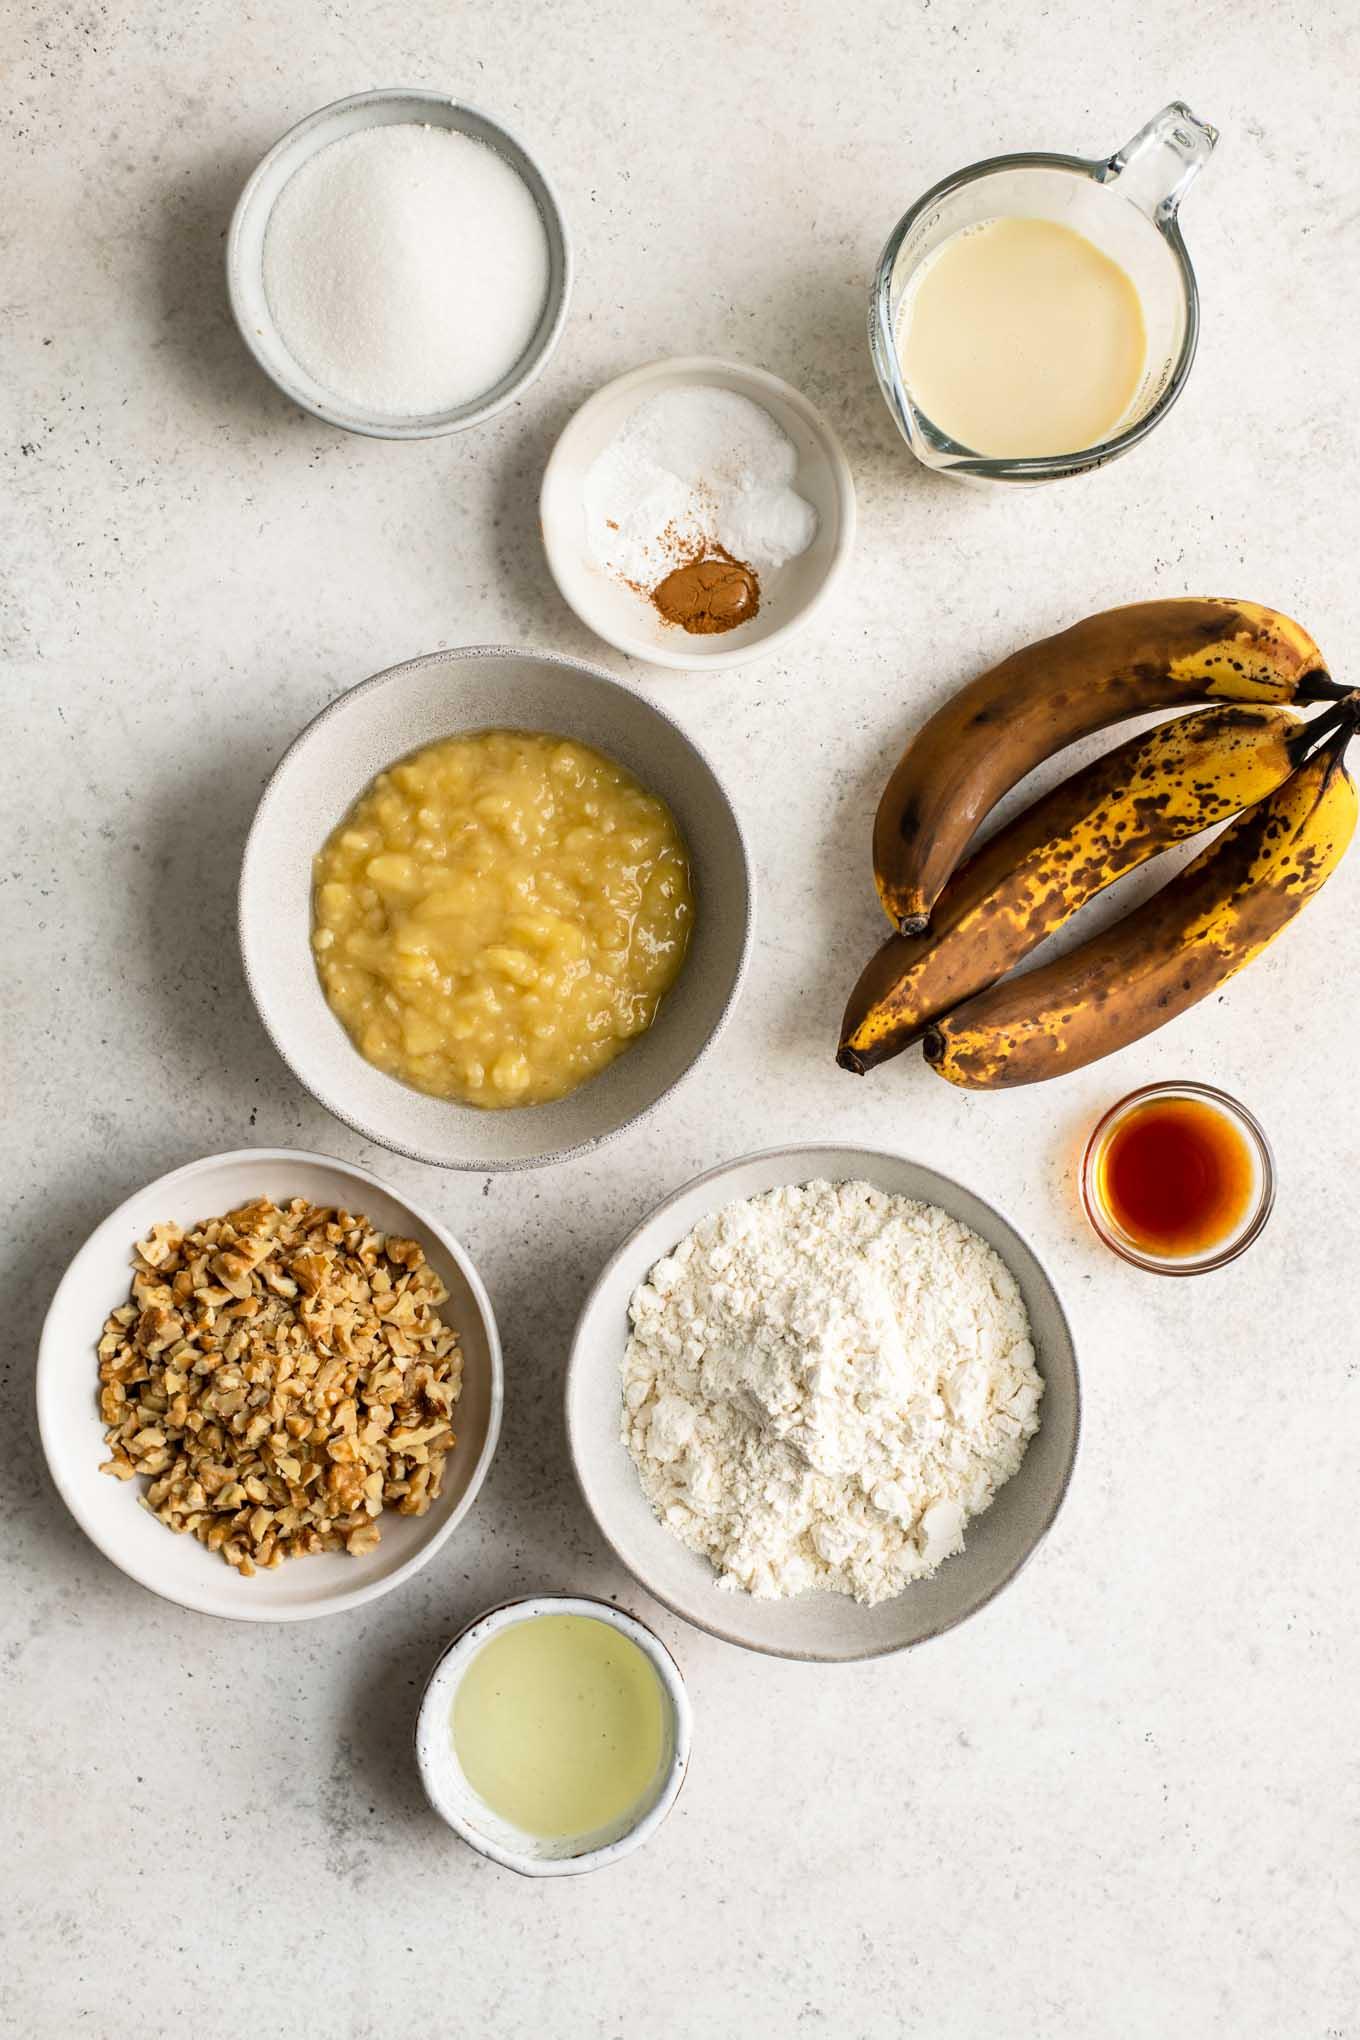 ingredients for vegan banana nut muffins